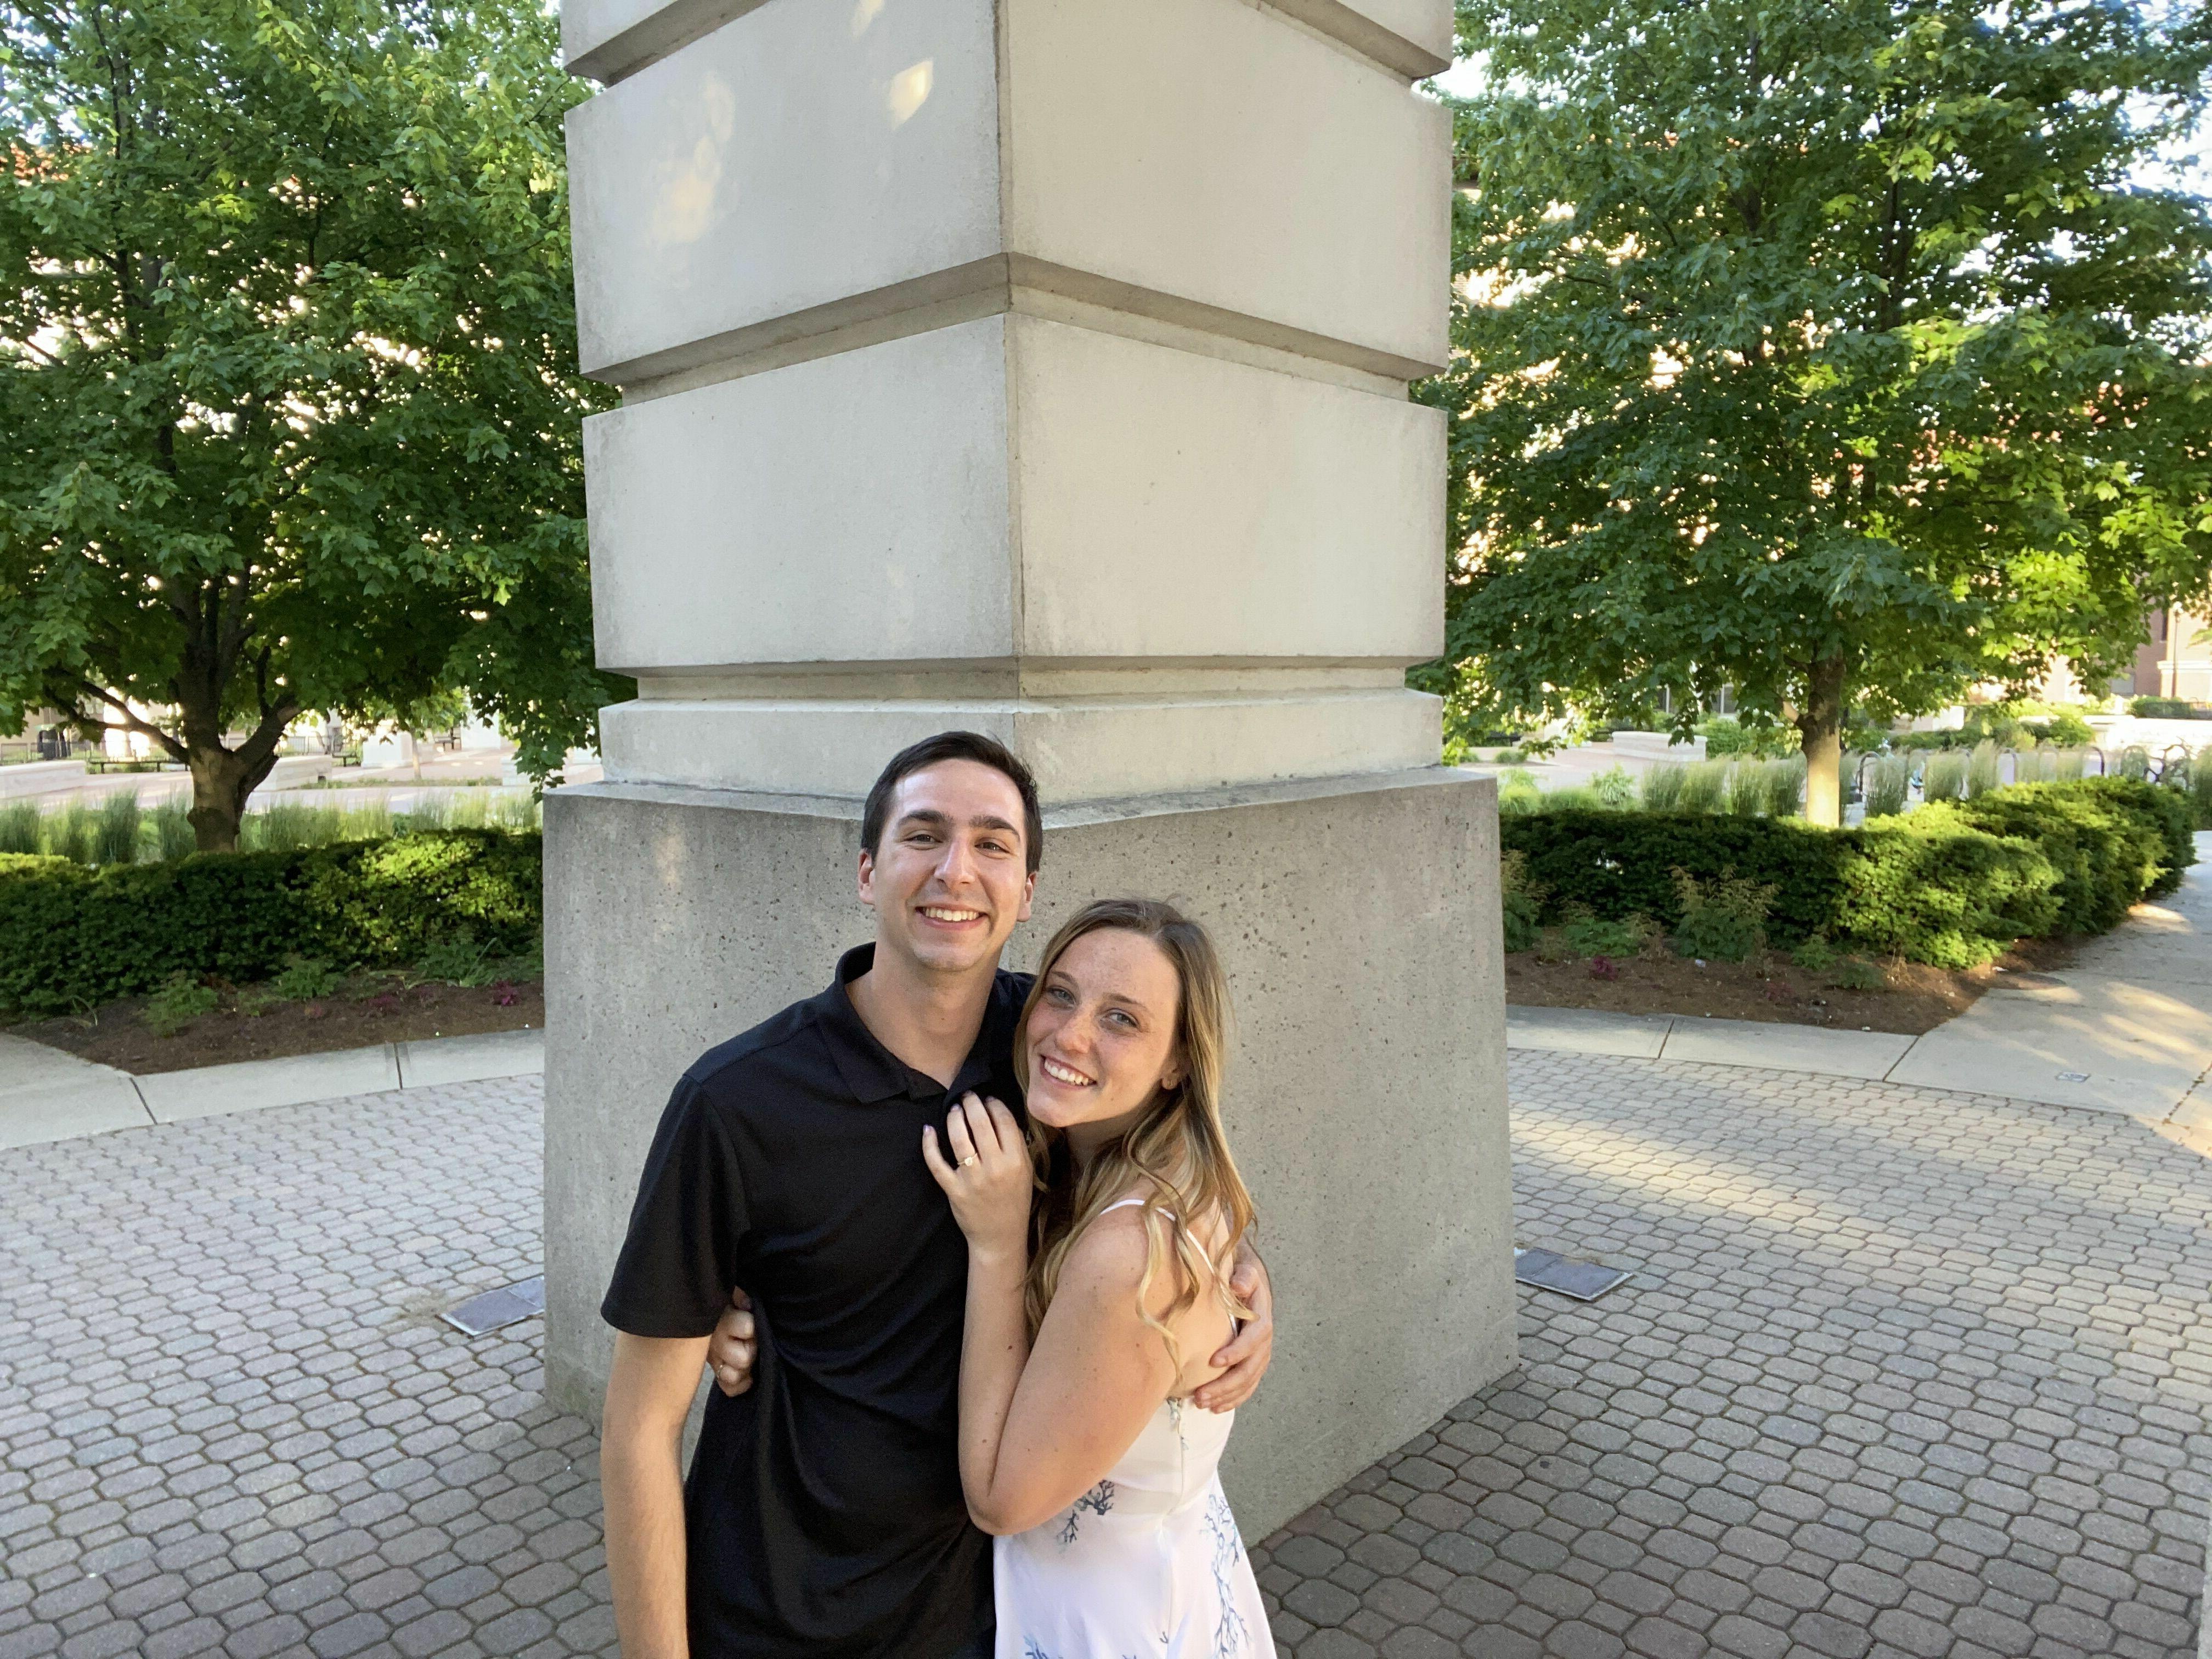 Image 1 of Liz and Luke